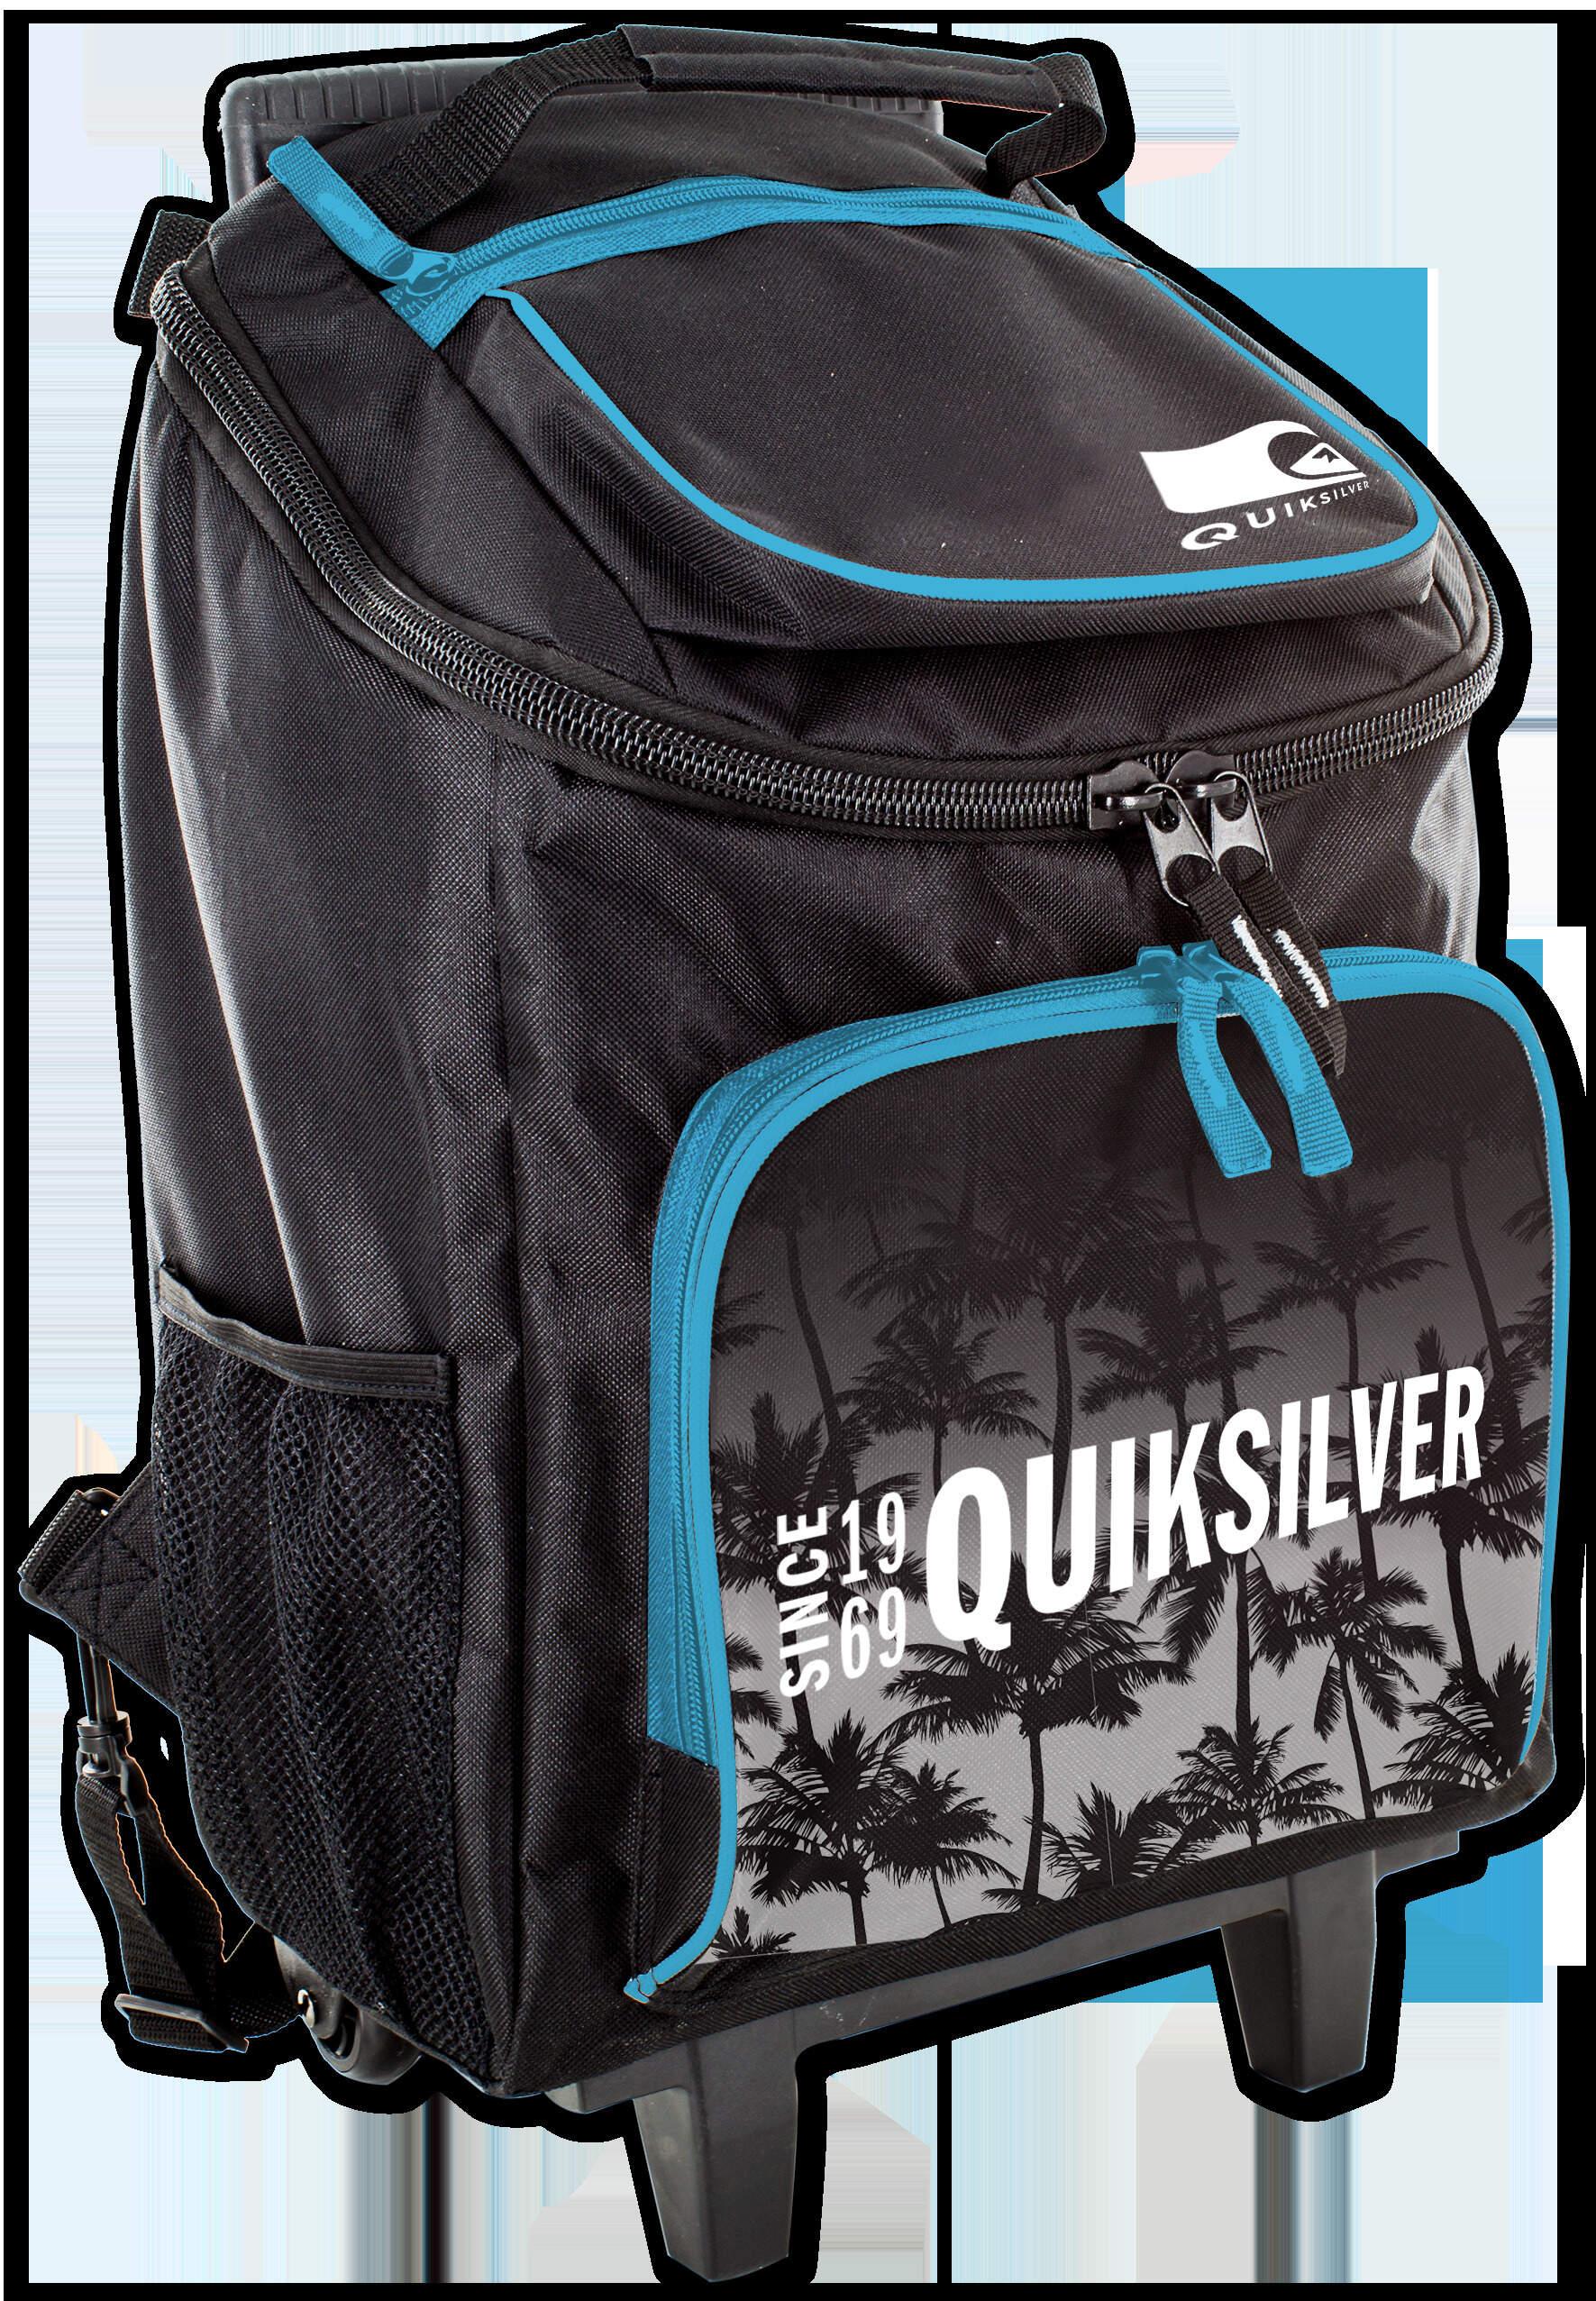 Quicksilver Trolley Bag - Echo Wheelie